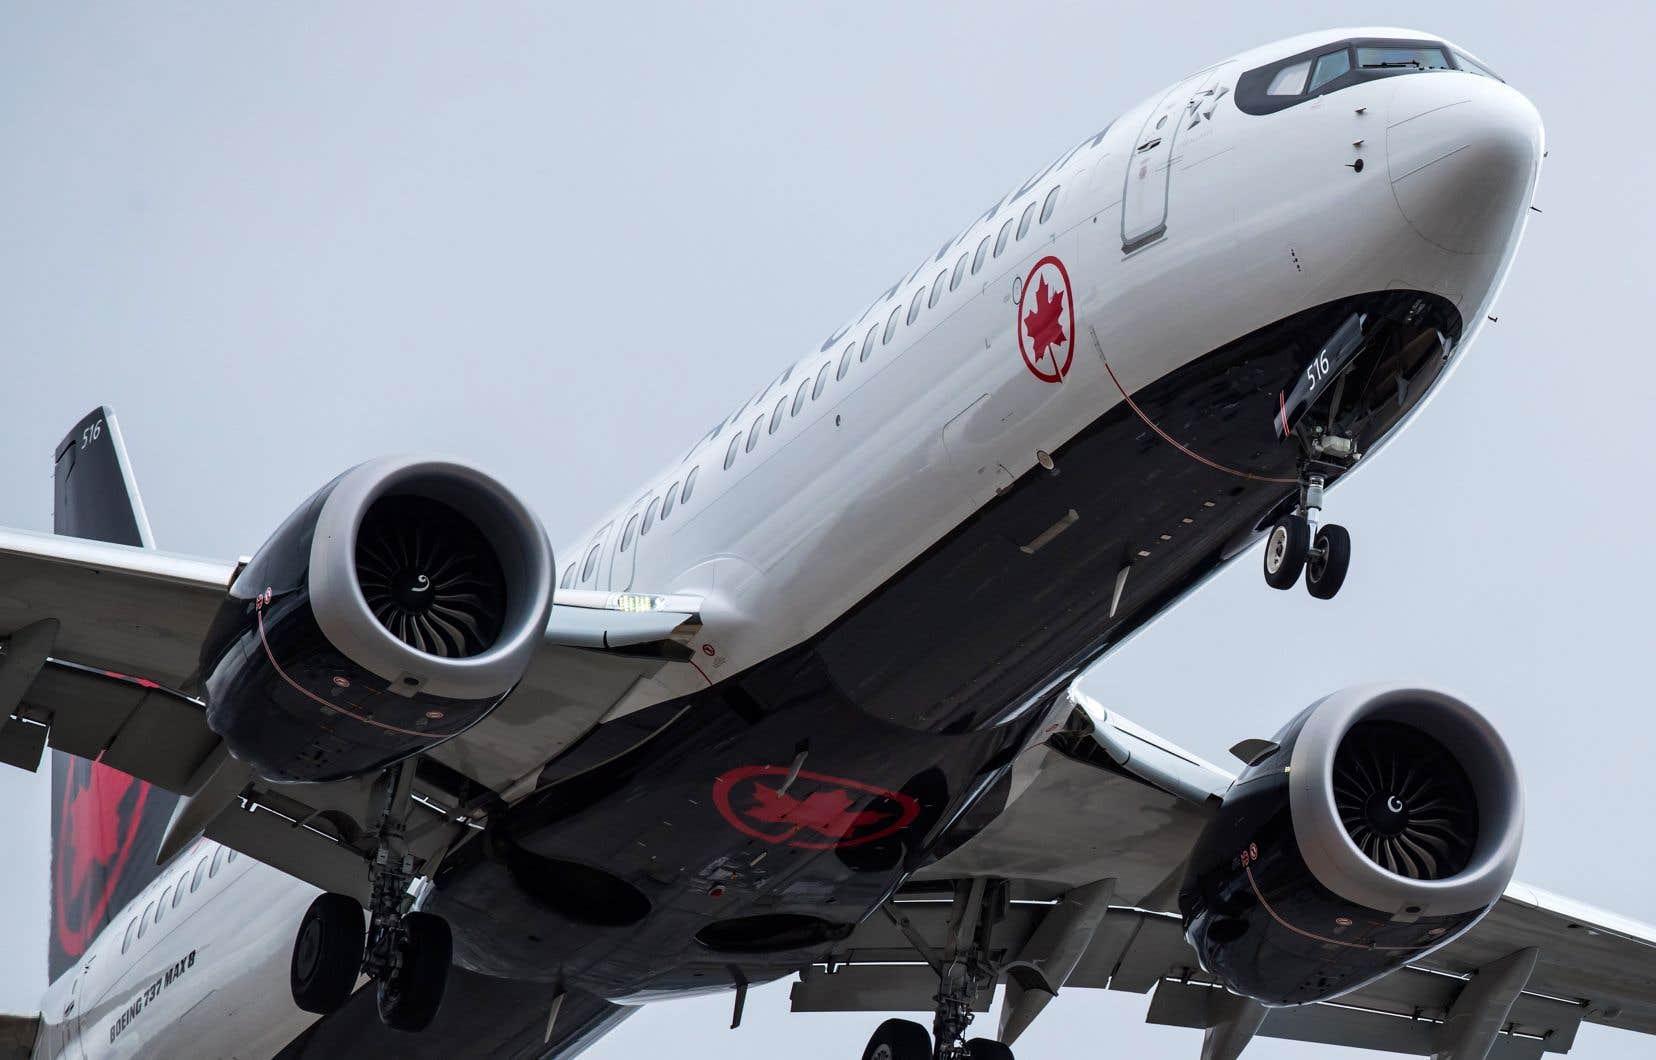 Le 737 Max de Boeing a été cloué au sol partout dans le monde après deux écrasements mortels, l'un ayant tué 18 Canadiens en Éthiopie.